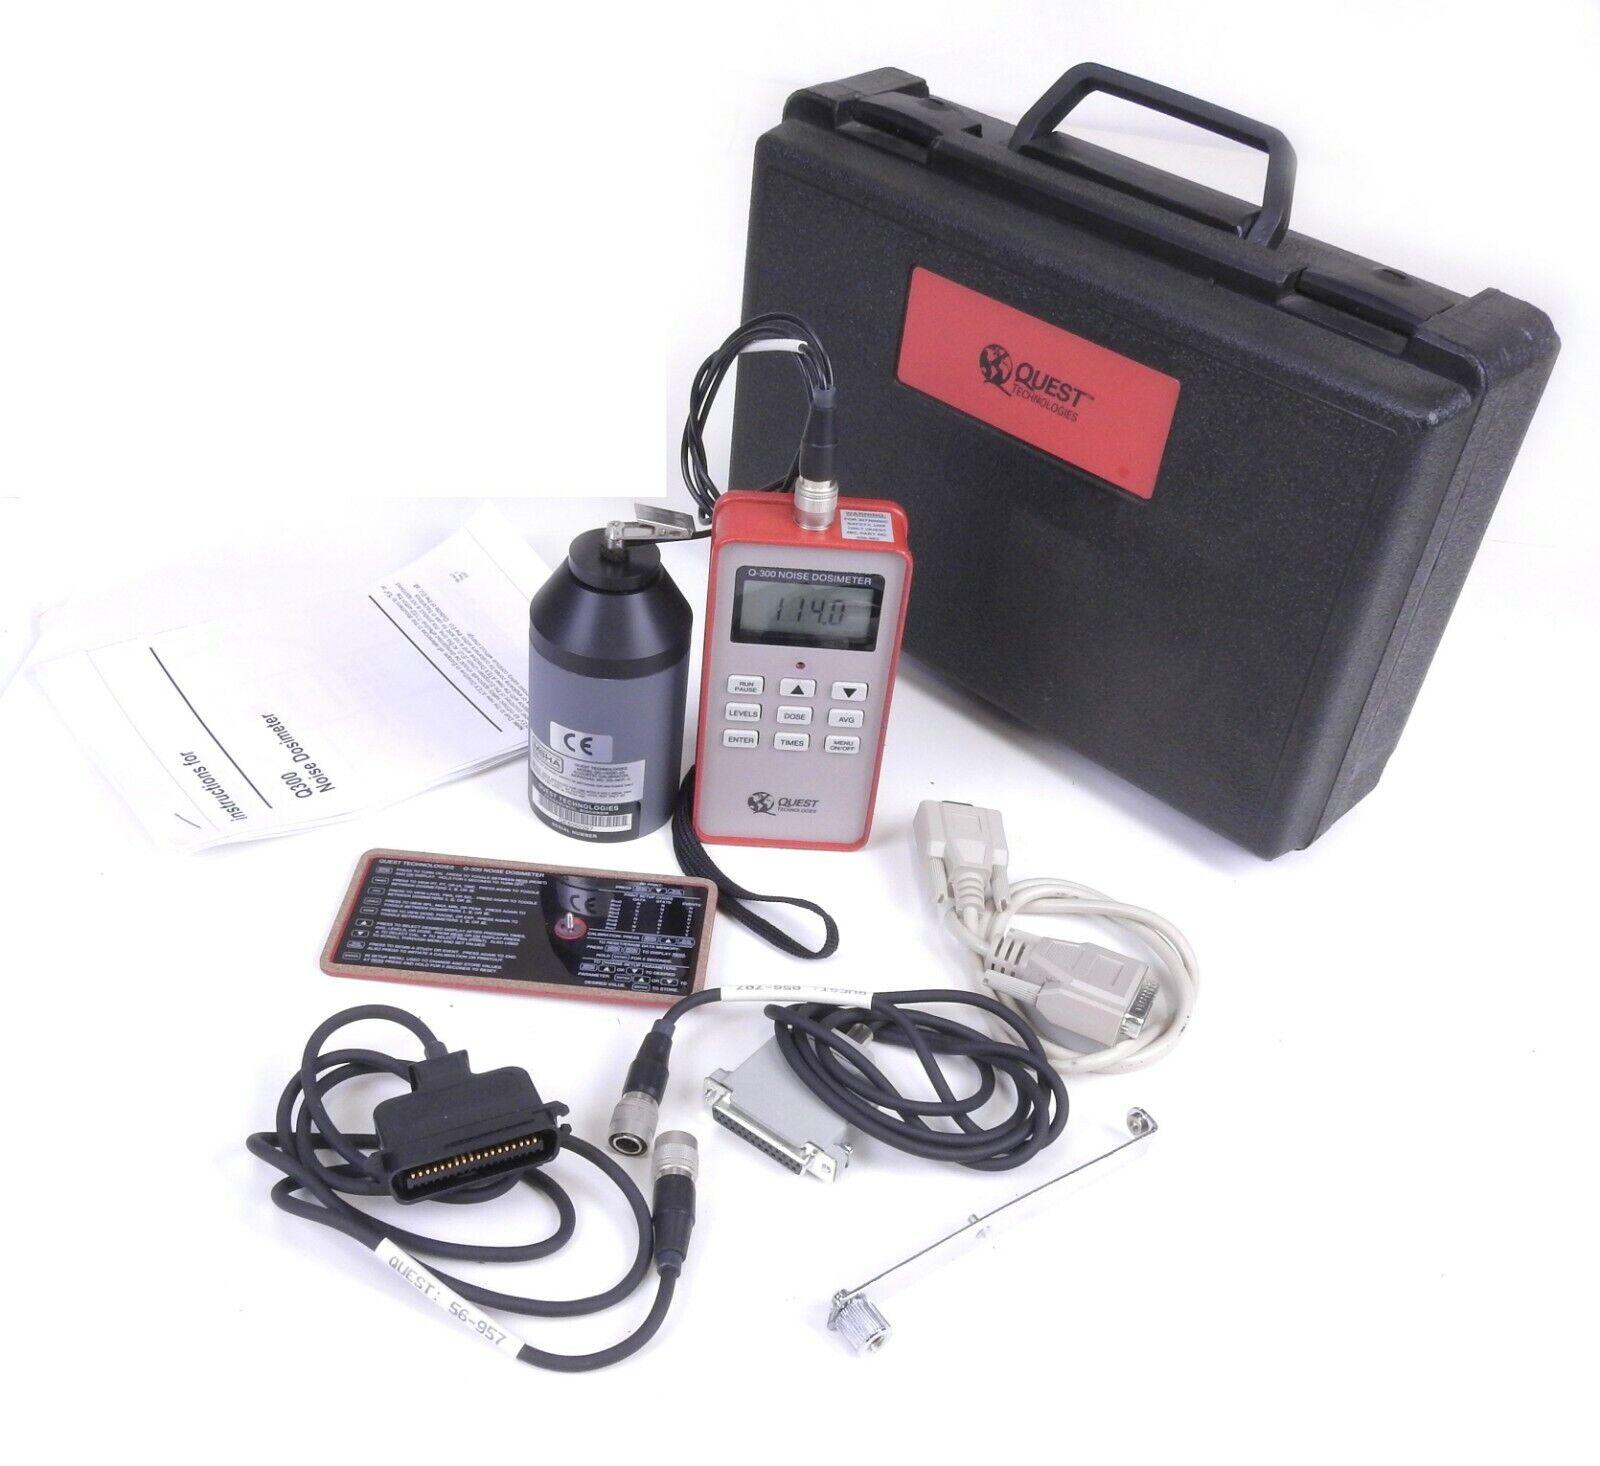 Quest Q-300 Nose Dosimeter Kit